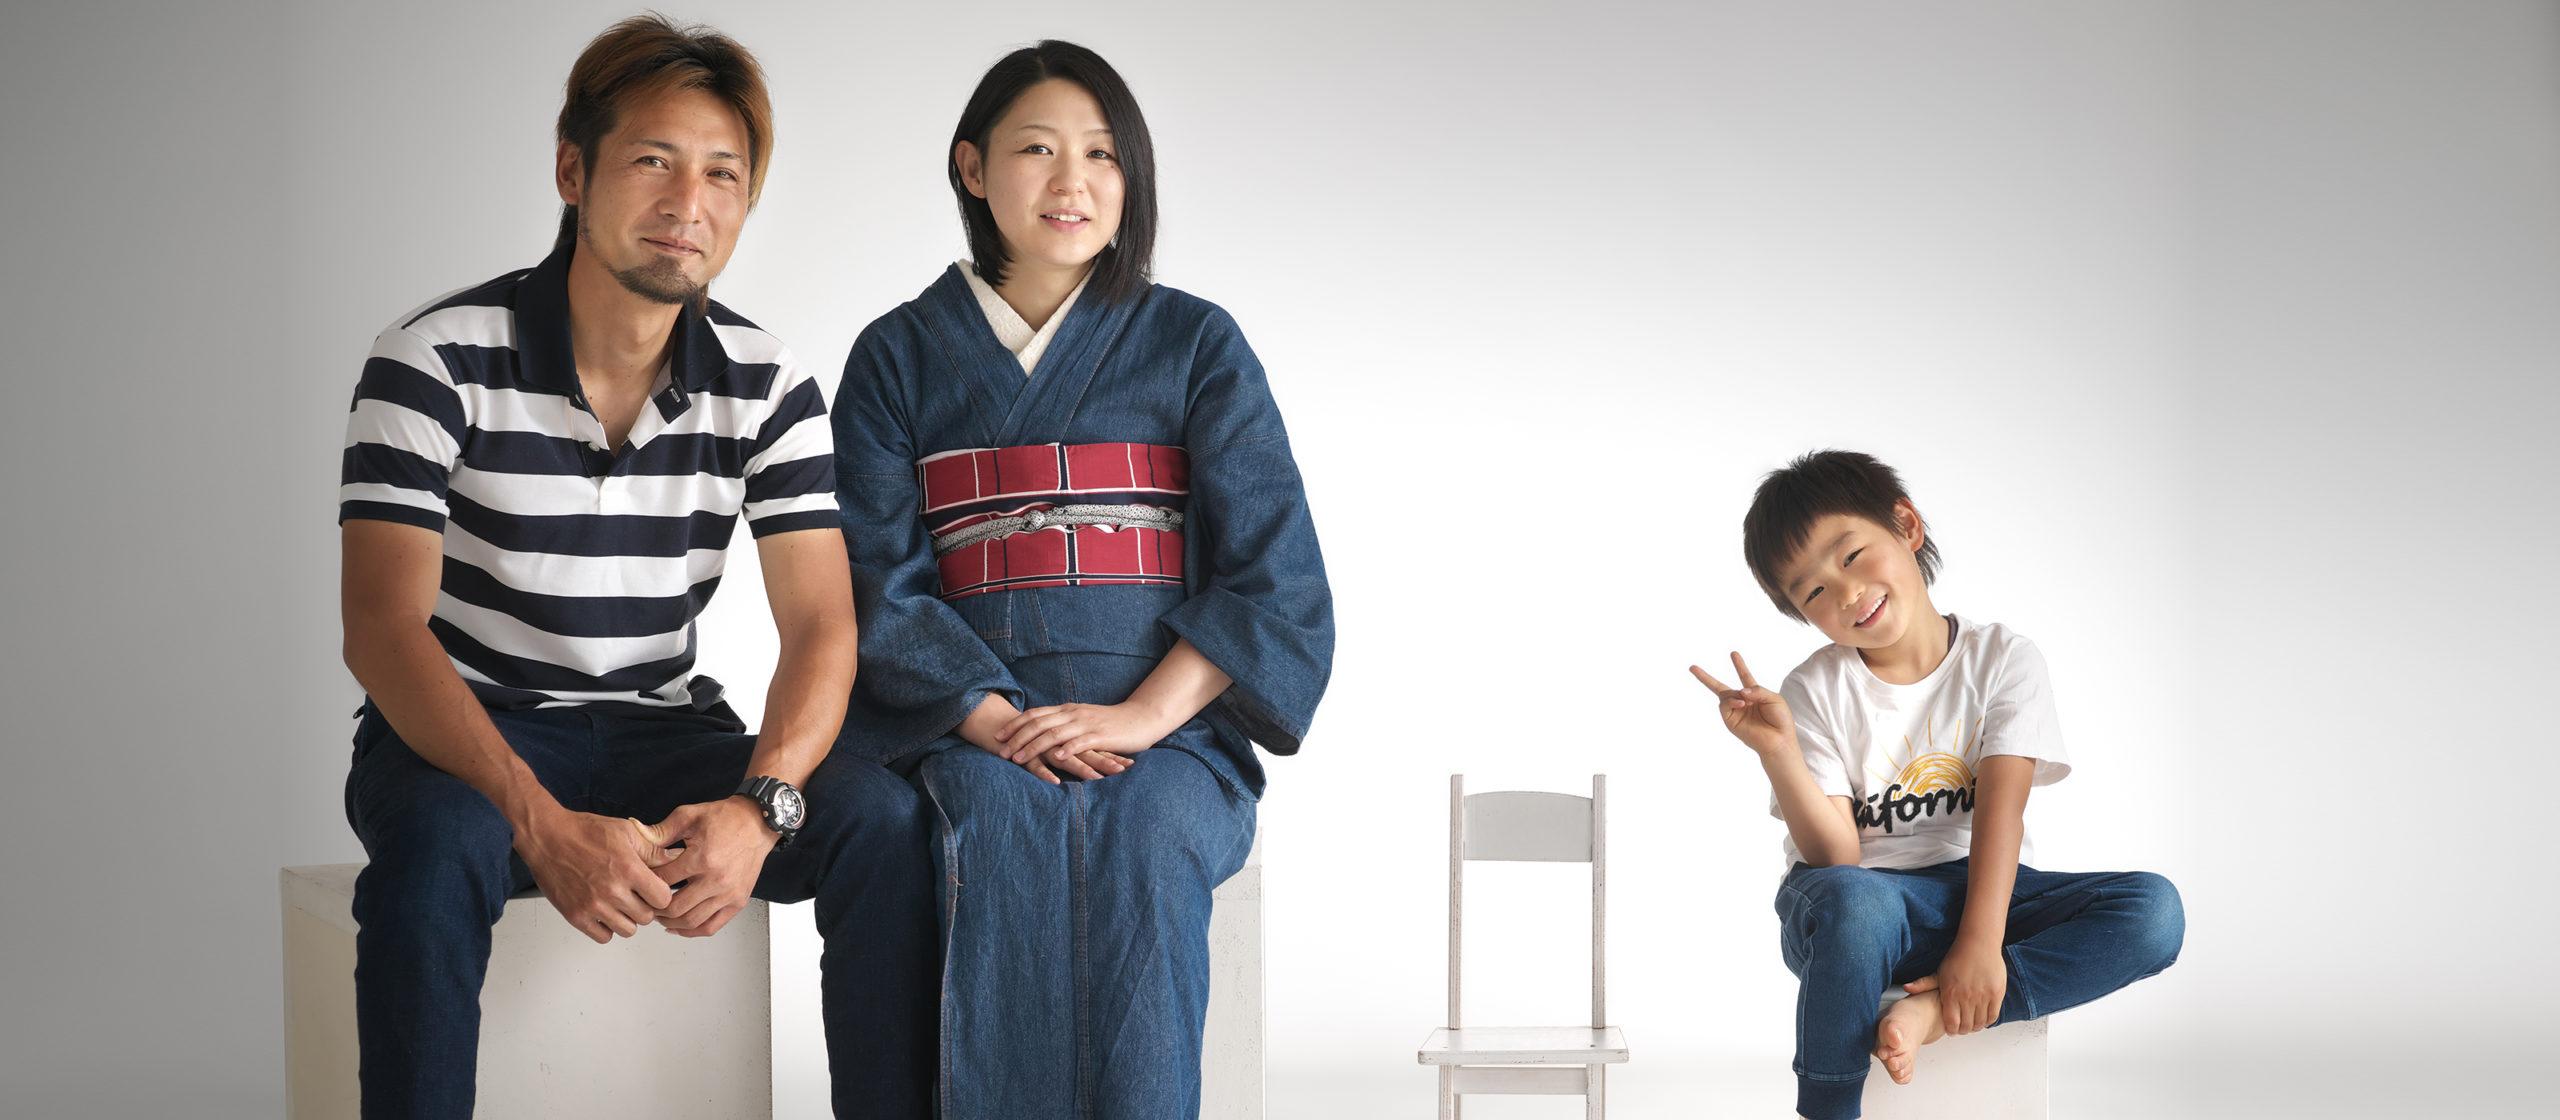 感動に満たされ、幸せがあふれる家族写真を。